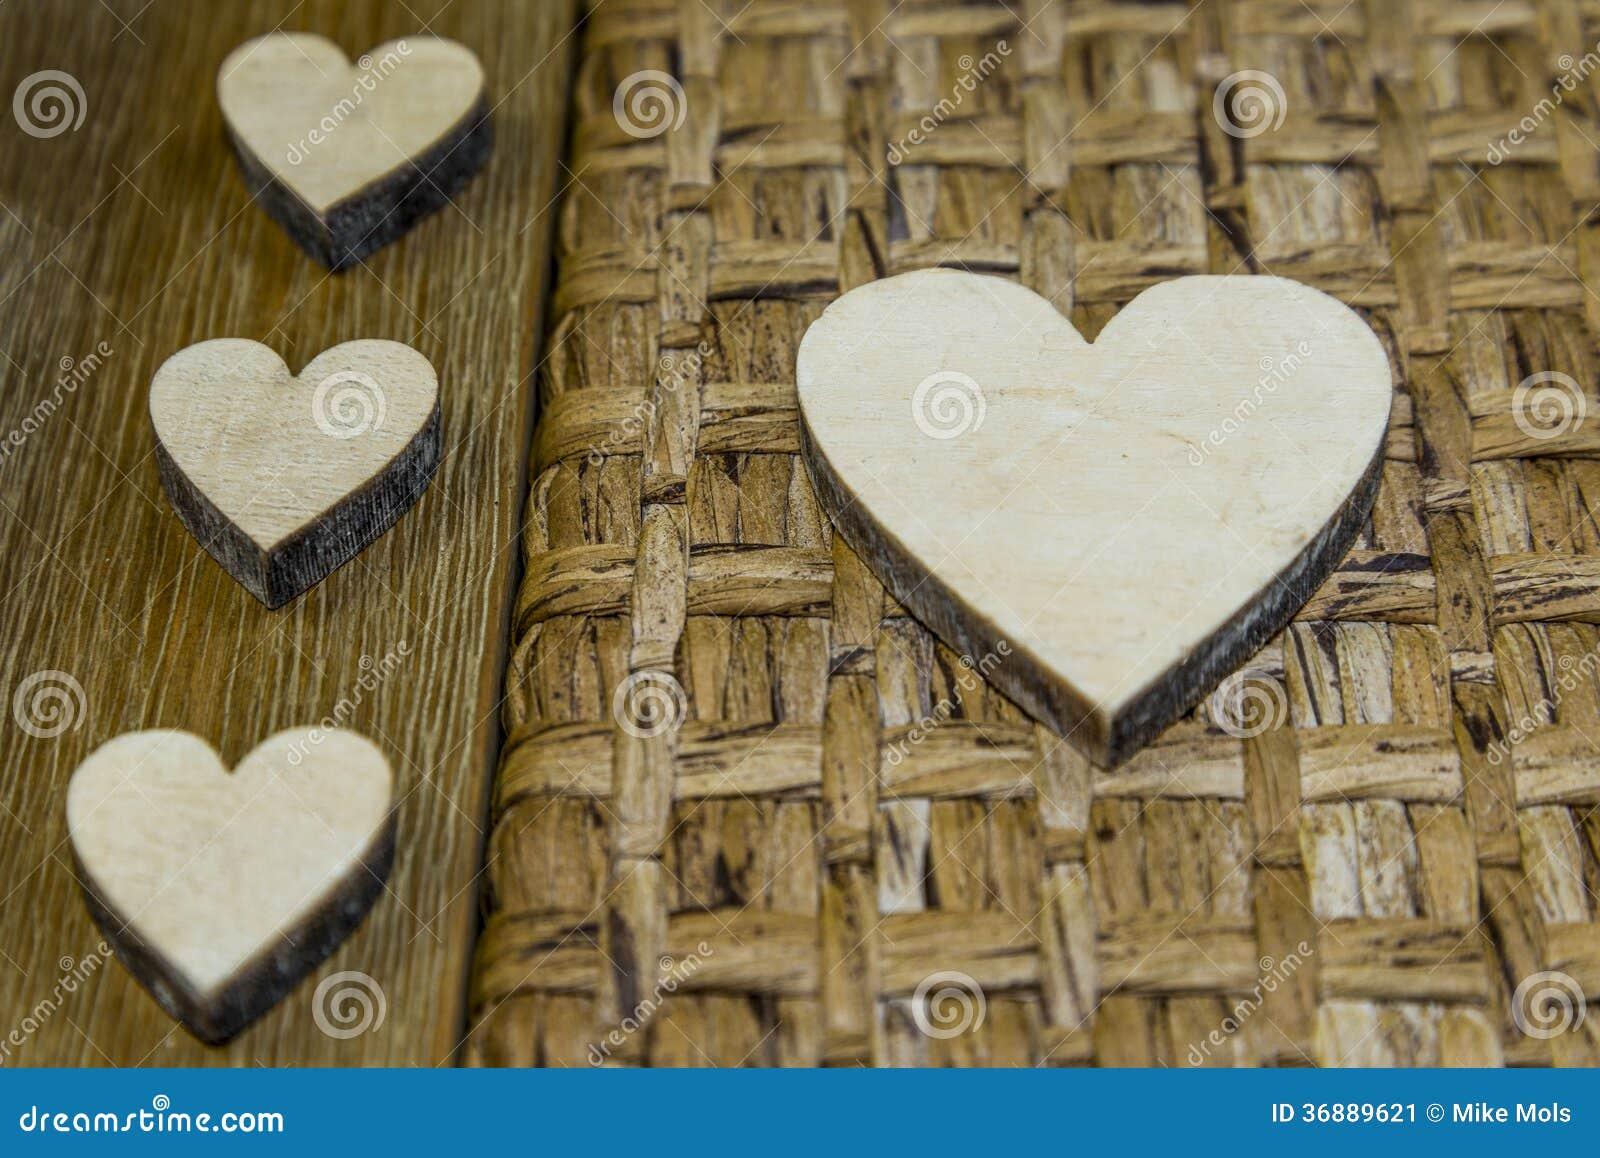 Download Piccoli e grandi cuori immagine stock. Immagine di legno - 36889621